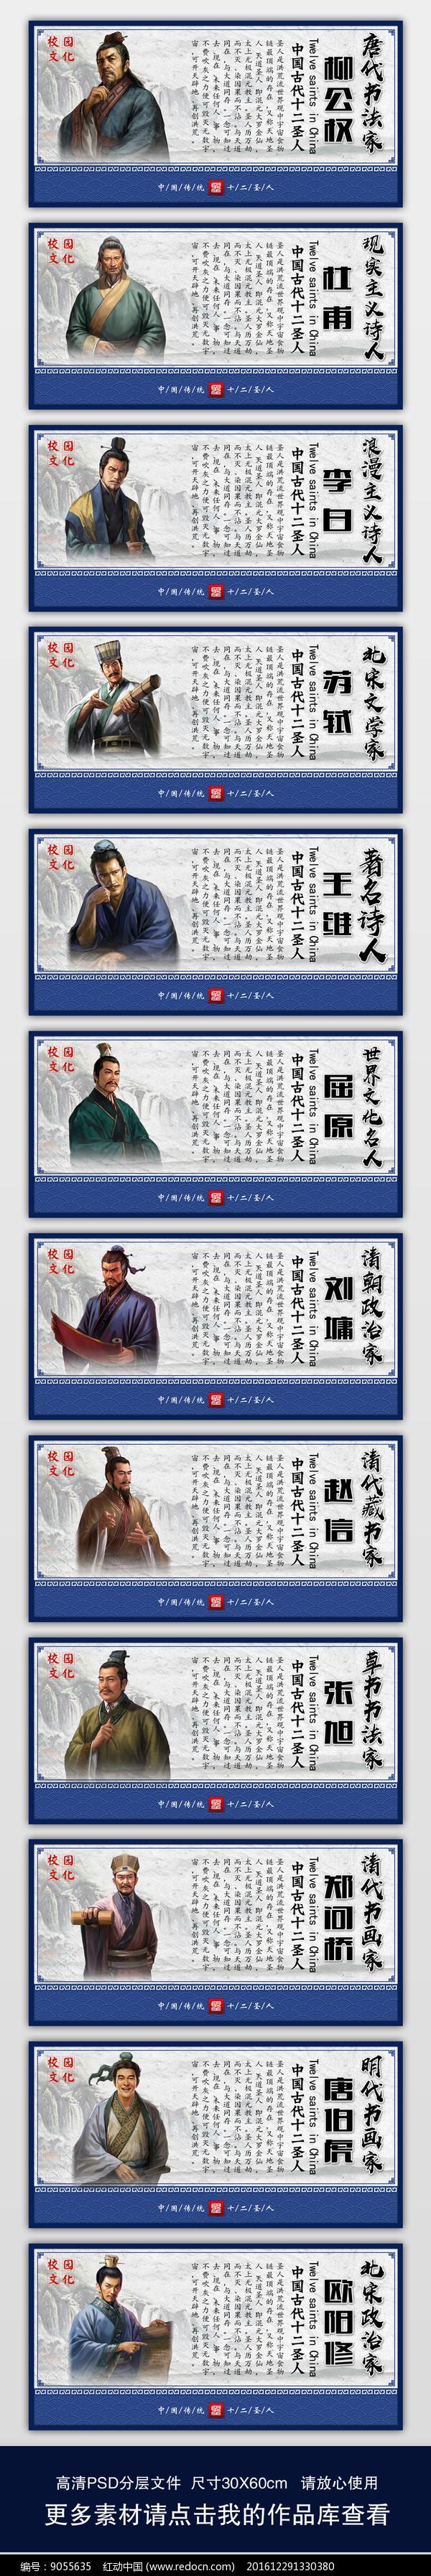 中国古代十二大名人展板挂画图片